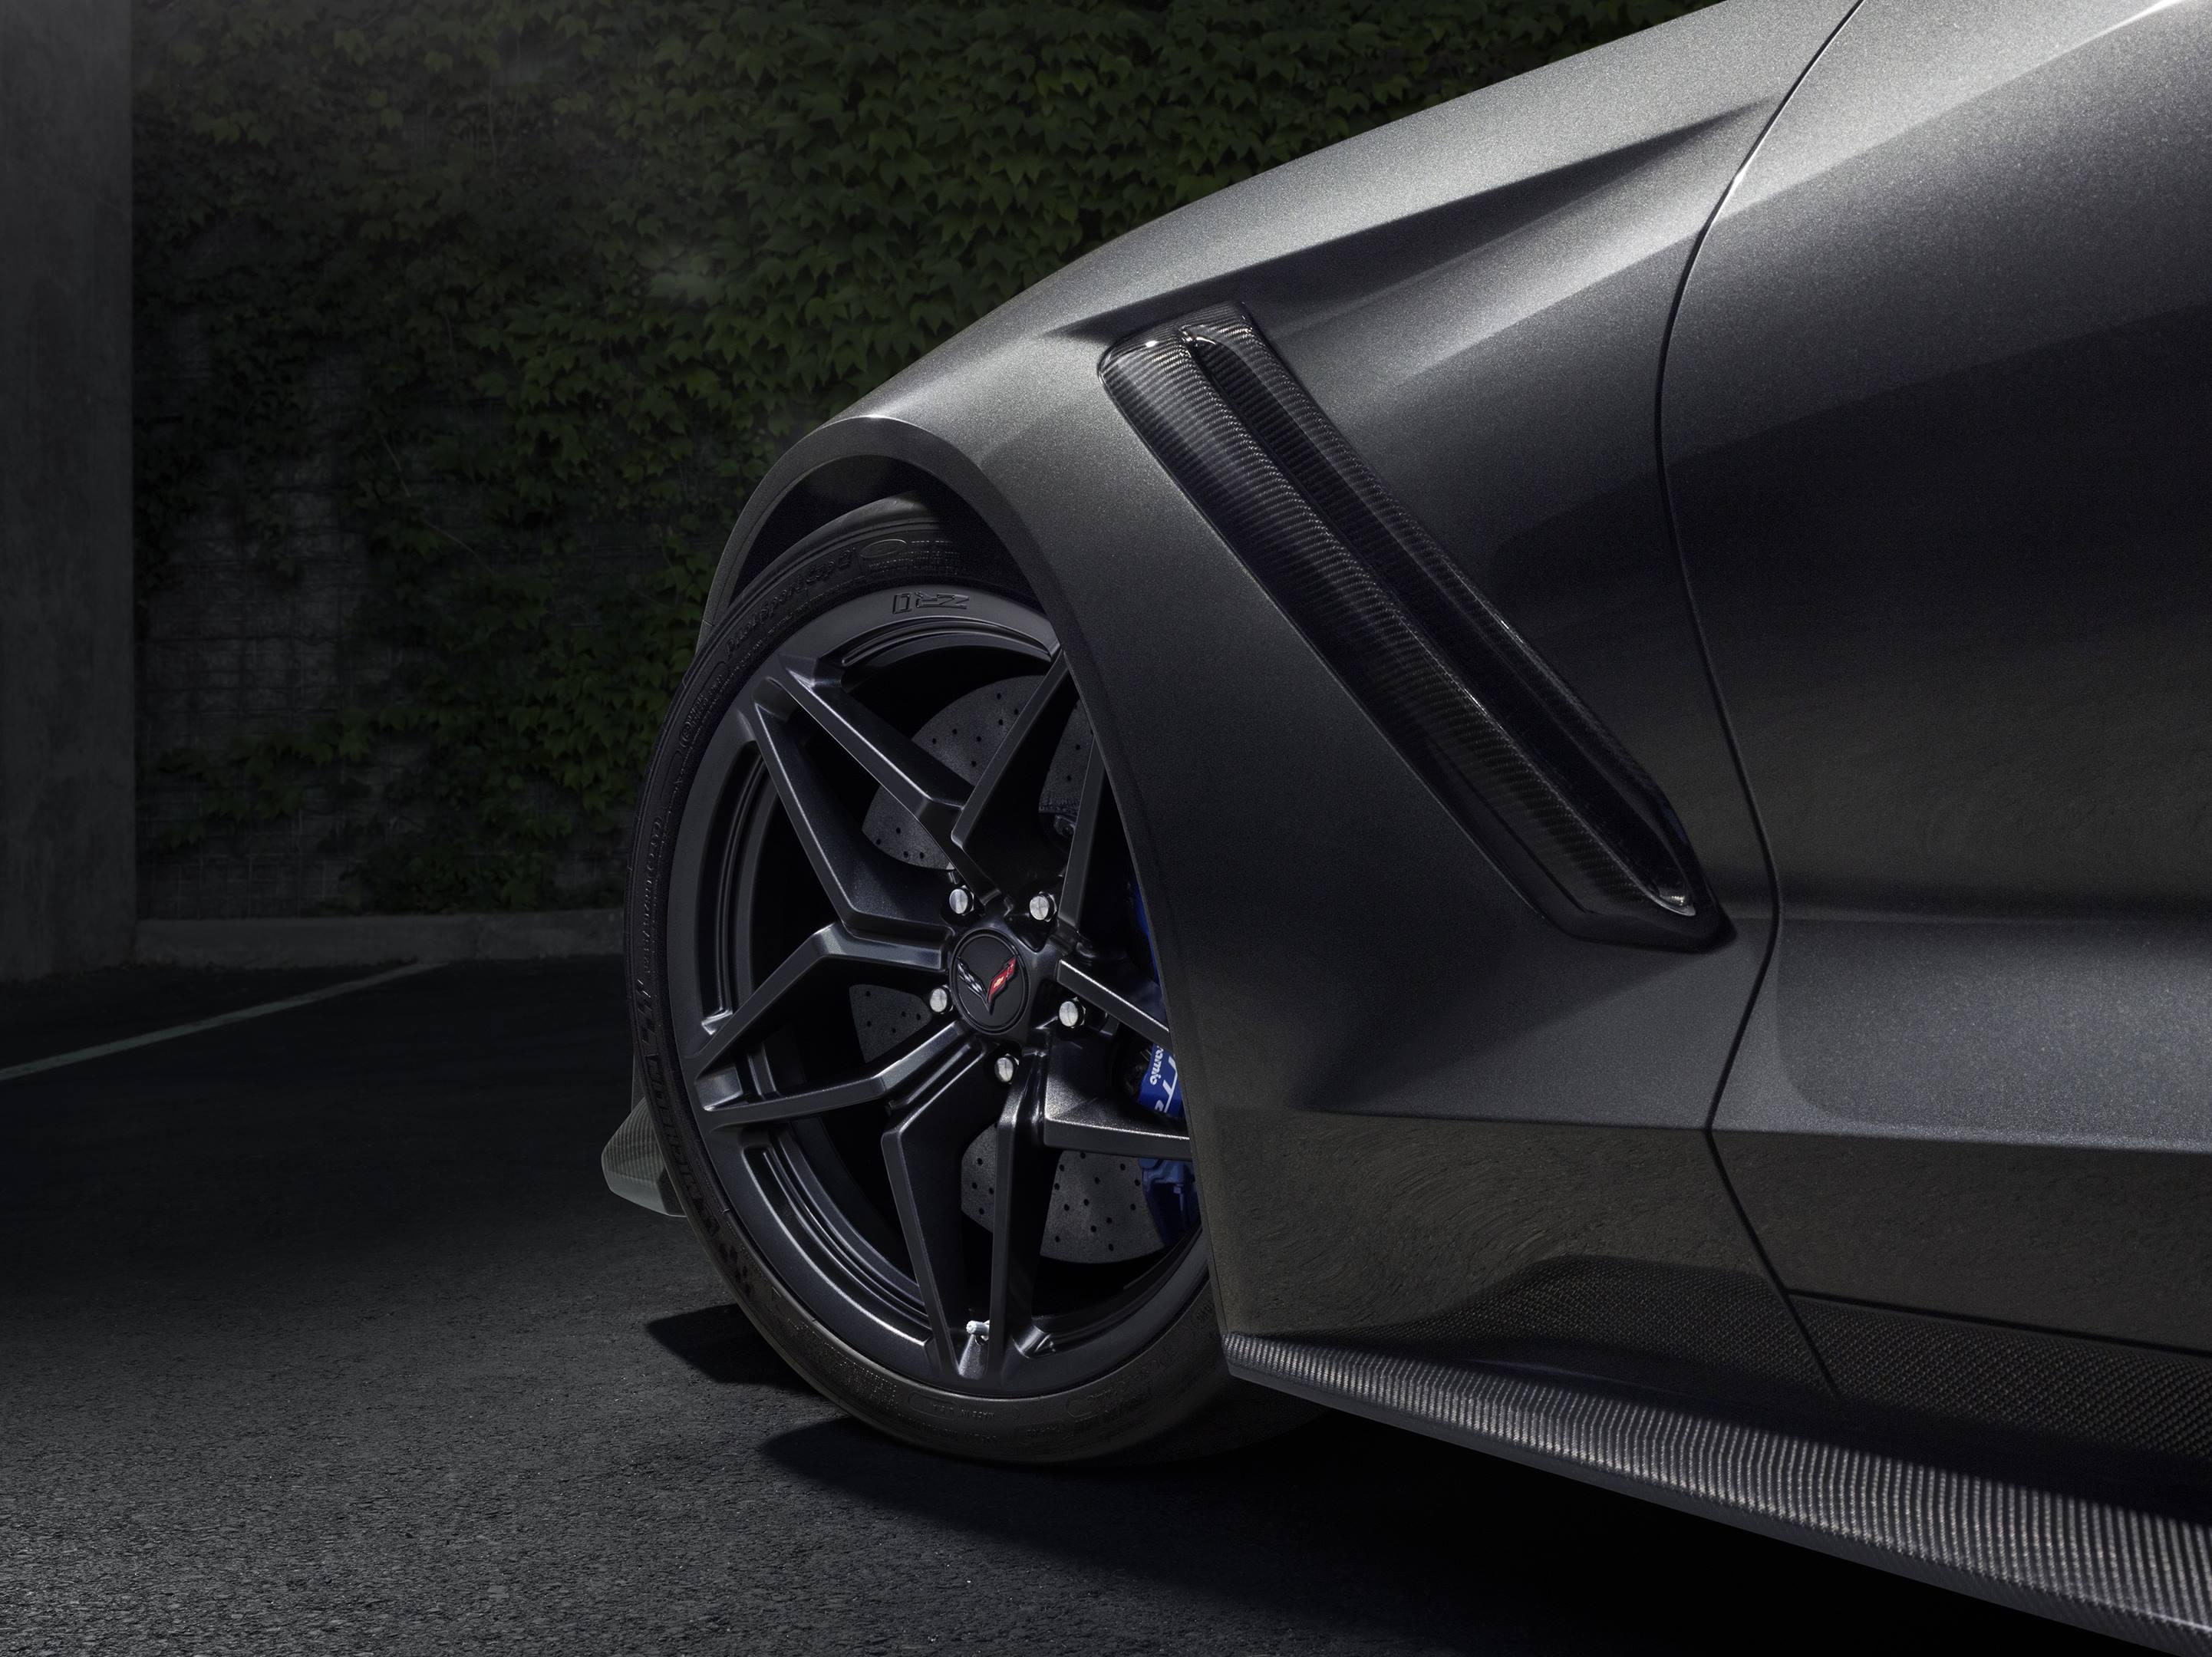 2019 Chevrolet Corvette ZR1 Front wheel shot